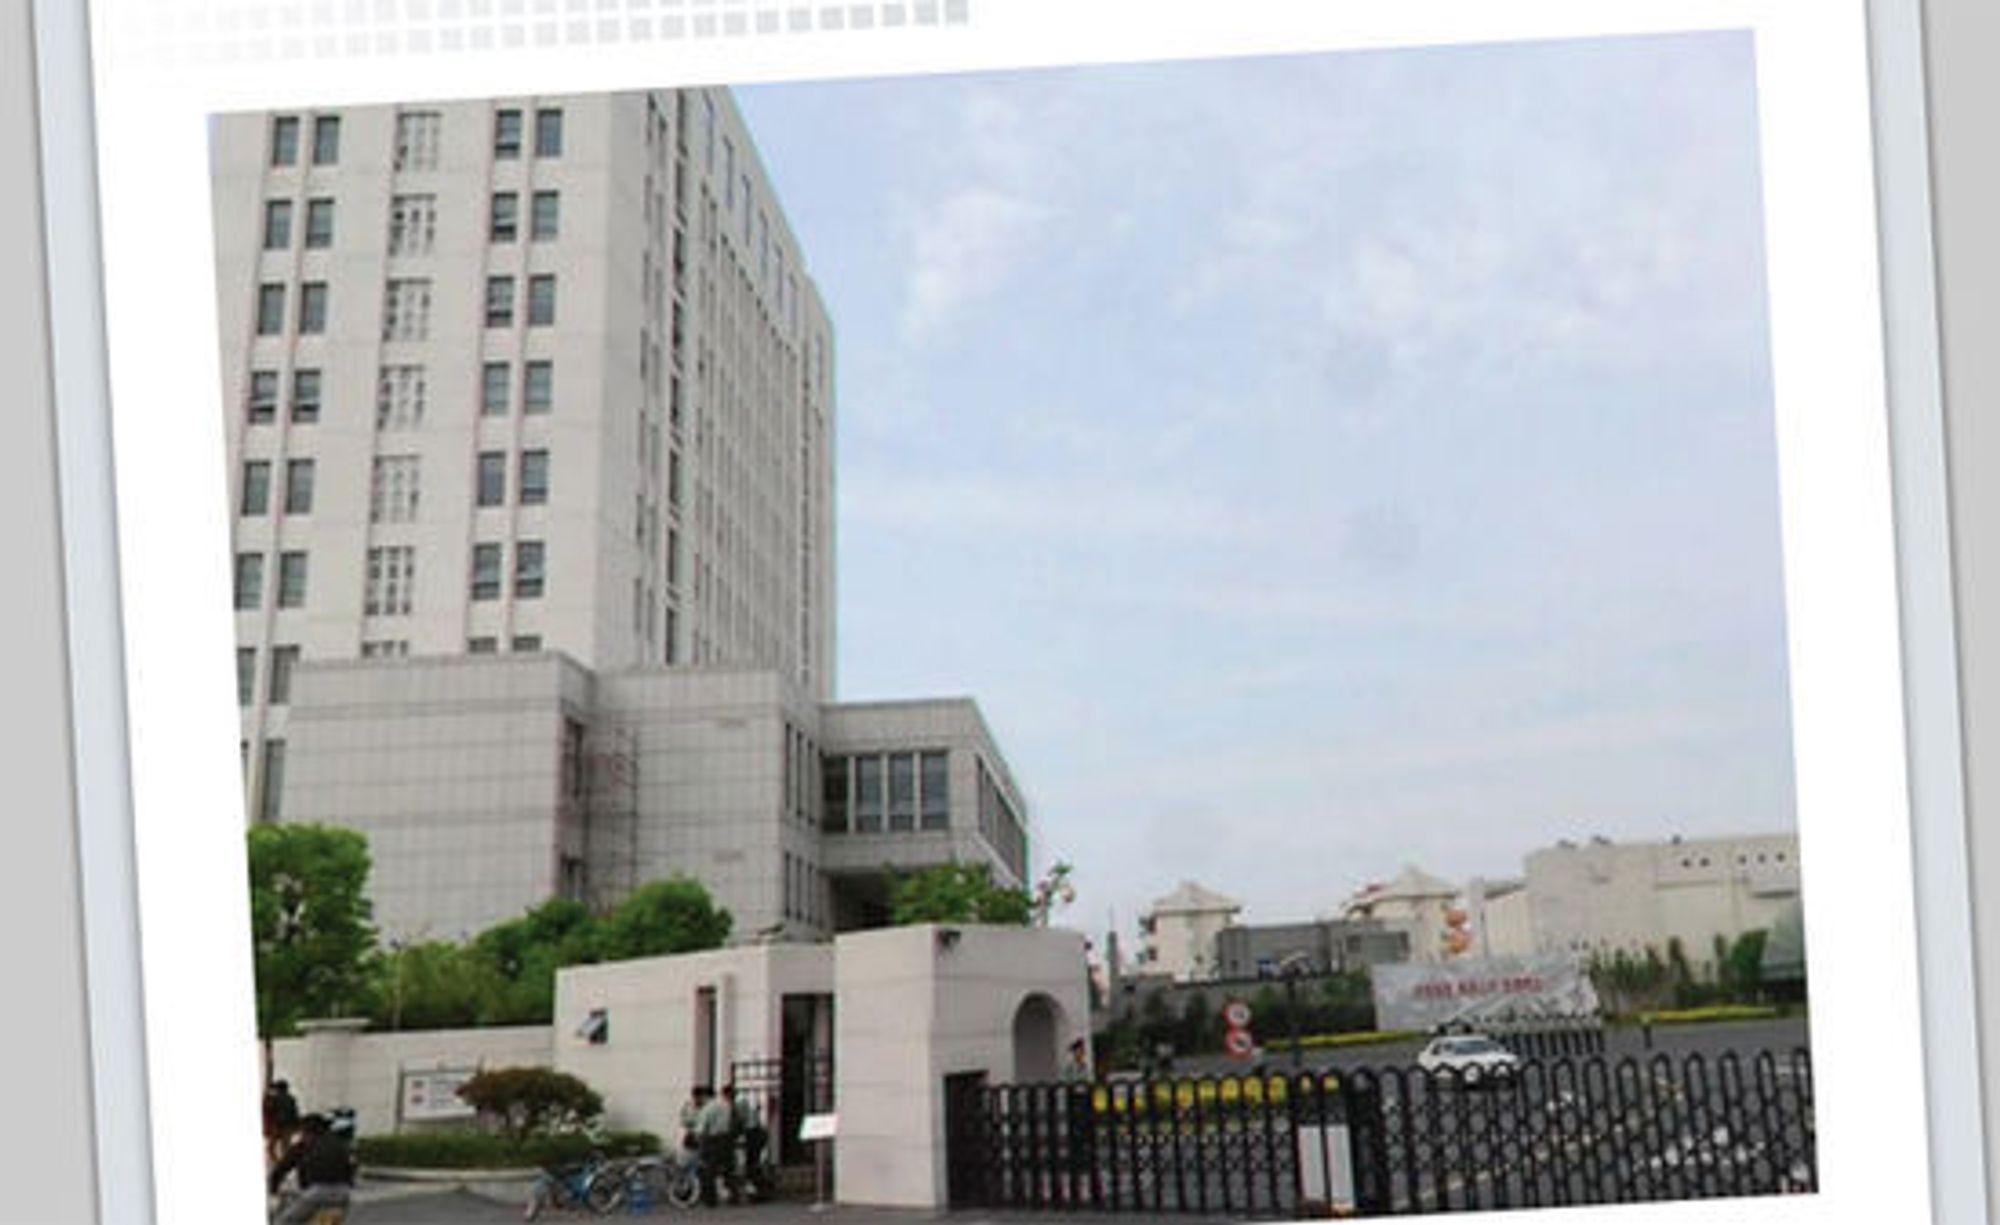 I dette bygget i Shanghai holder APT1 til, ifølge Mandiant.